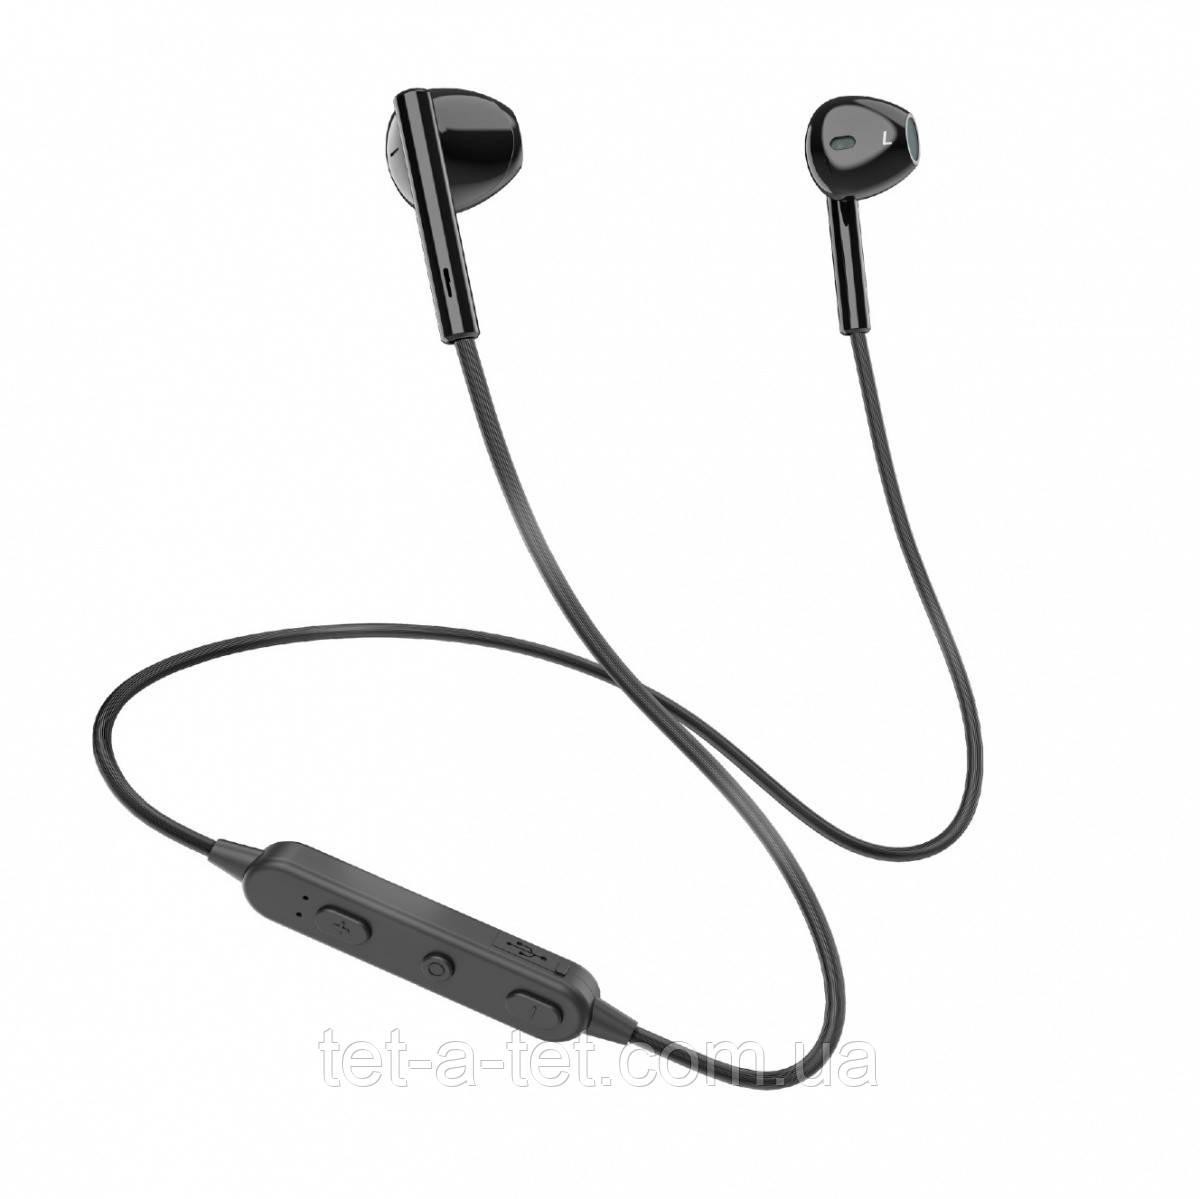 Бездротові Bluetooth-навушники FLORENCE FL-0150-K Black